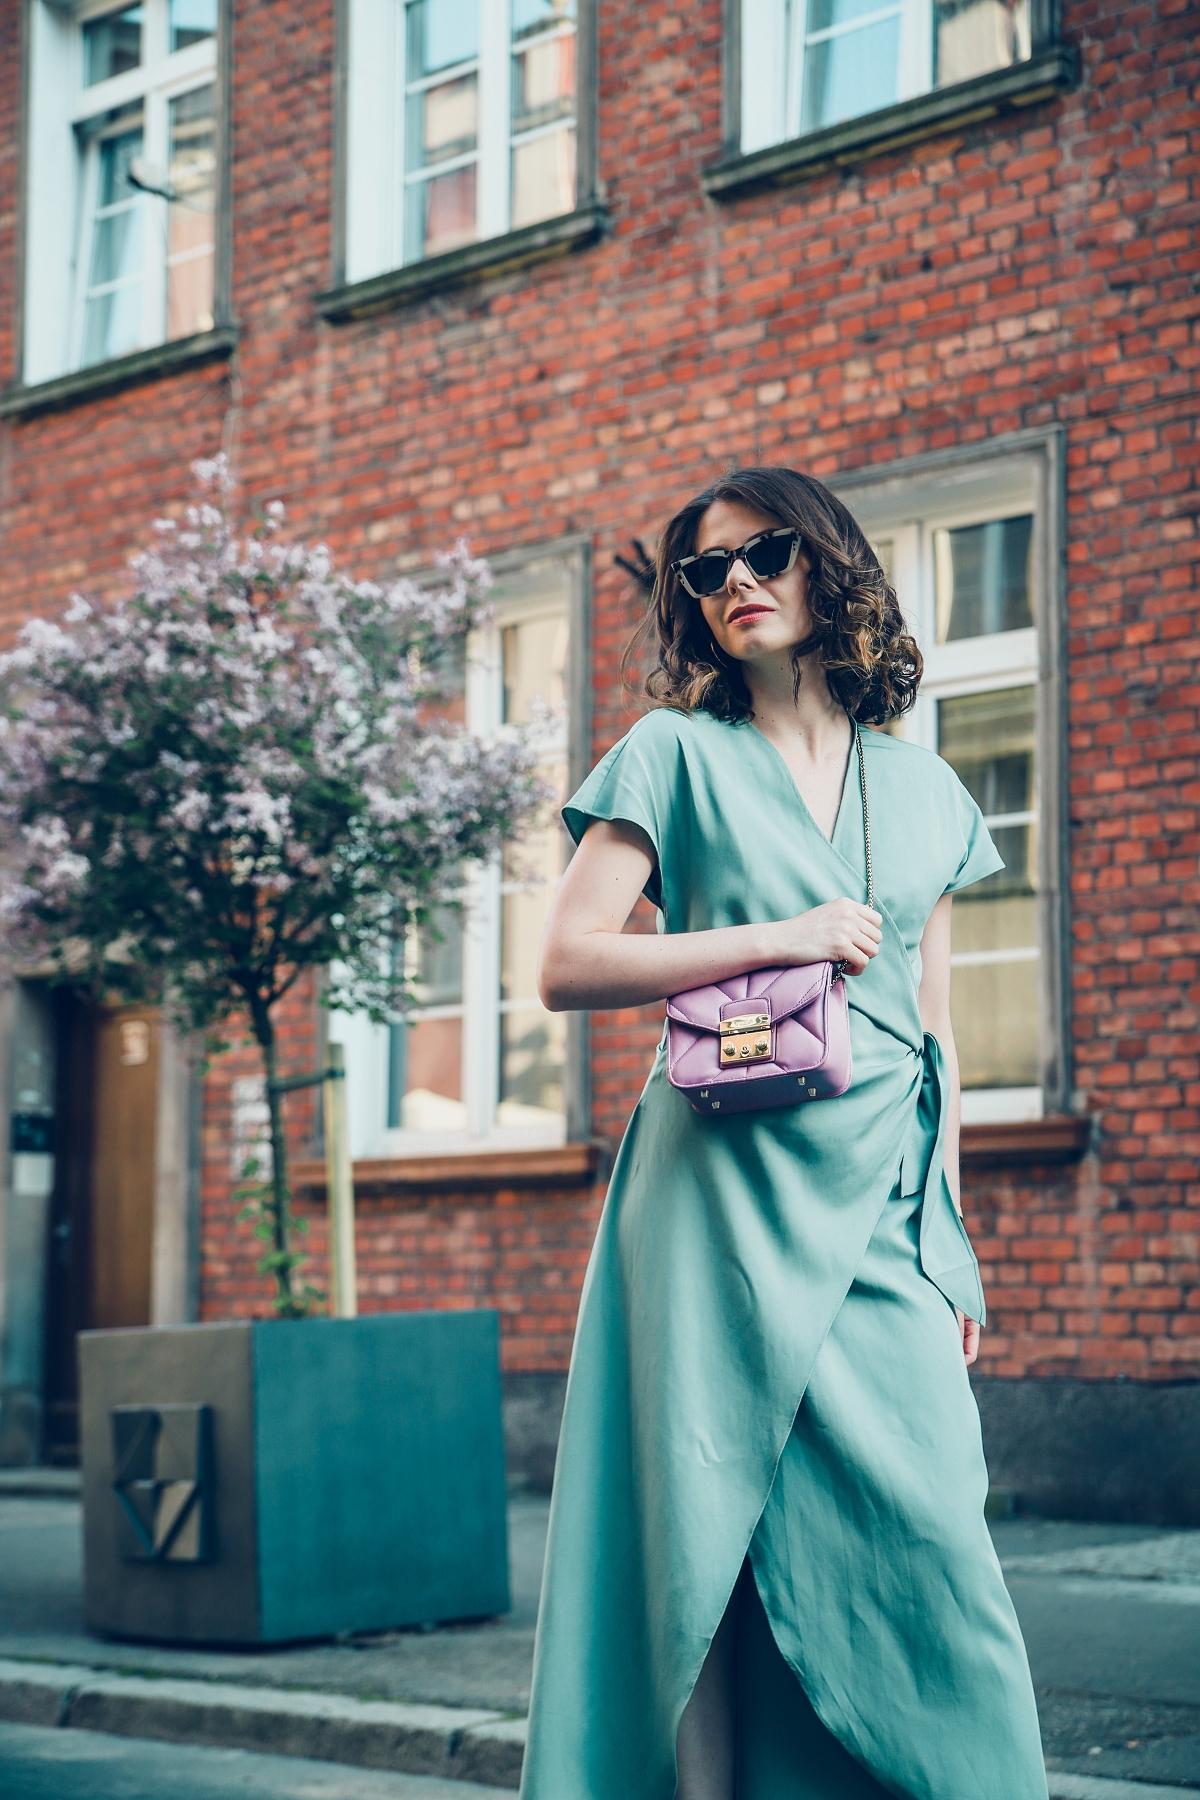 sukienka-na-wesele-mieta-i-kolor-lawendowy-blog-modowy-3